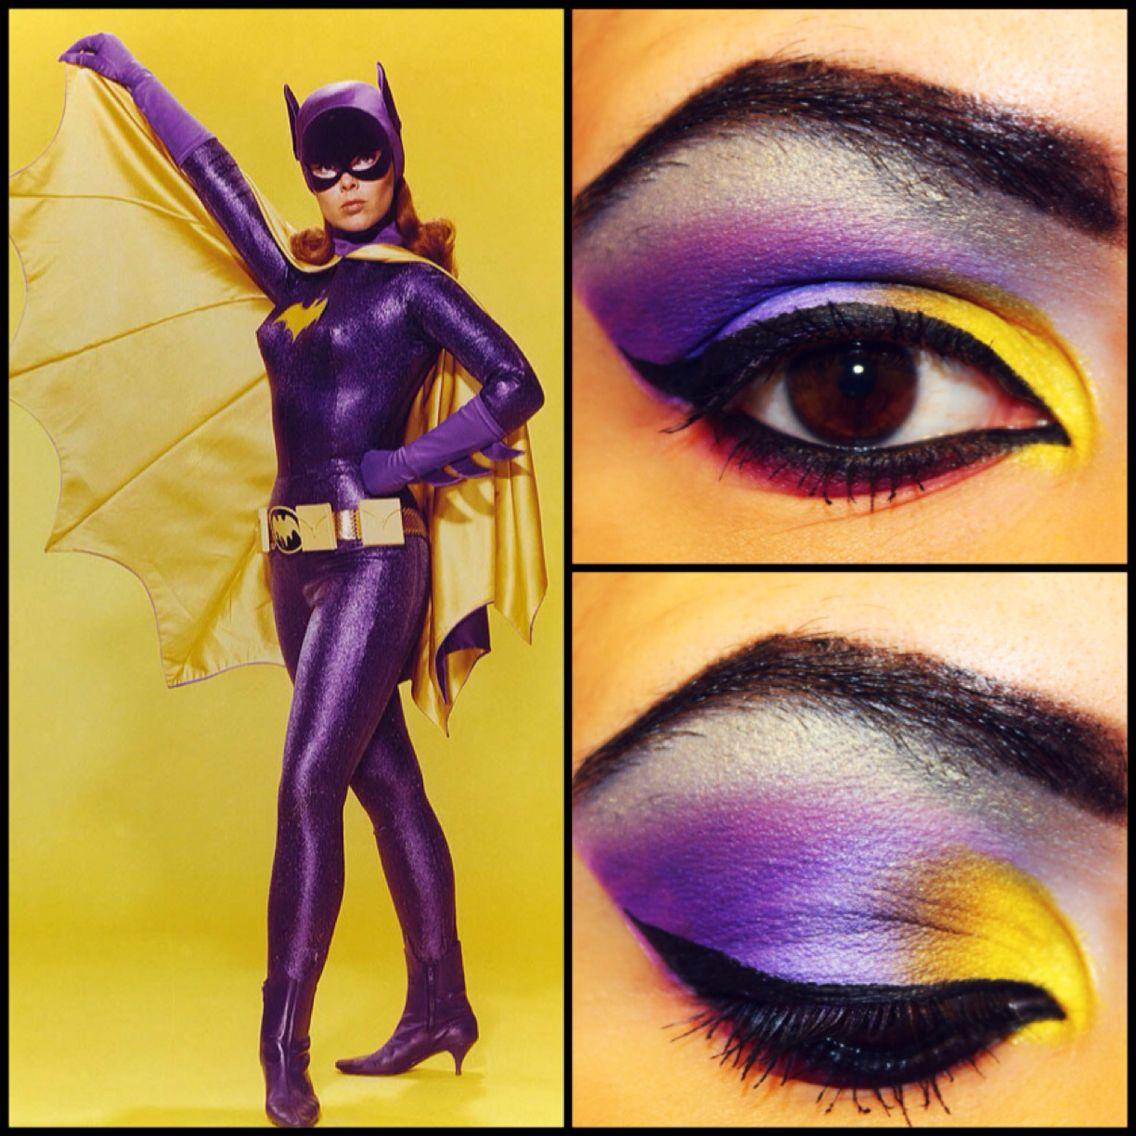 Batman 66s Batgirl Inspired Makeup Comic Book Cosmetics In 2018